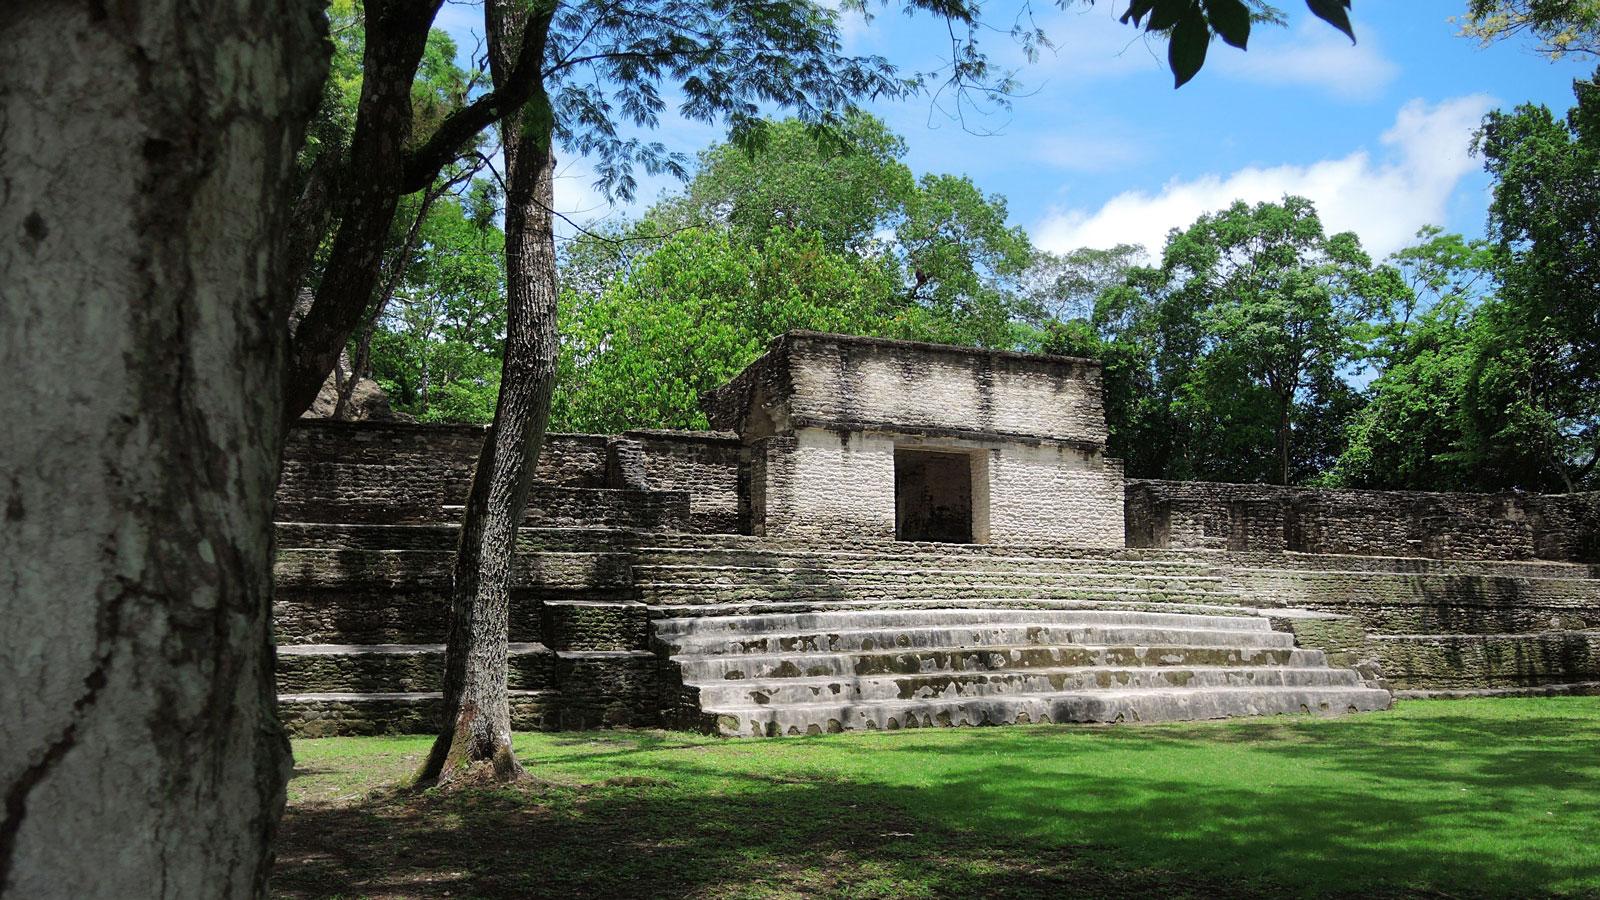 cahal pech maya ruins in san ignacio belize belize mayan ruins